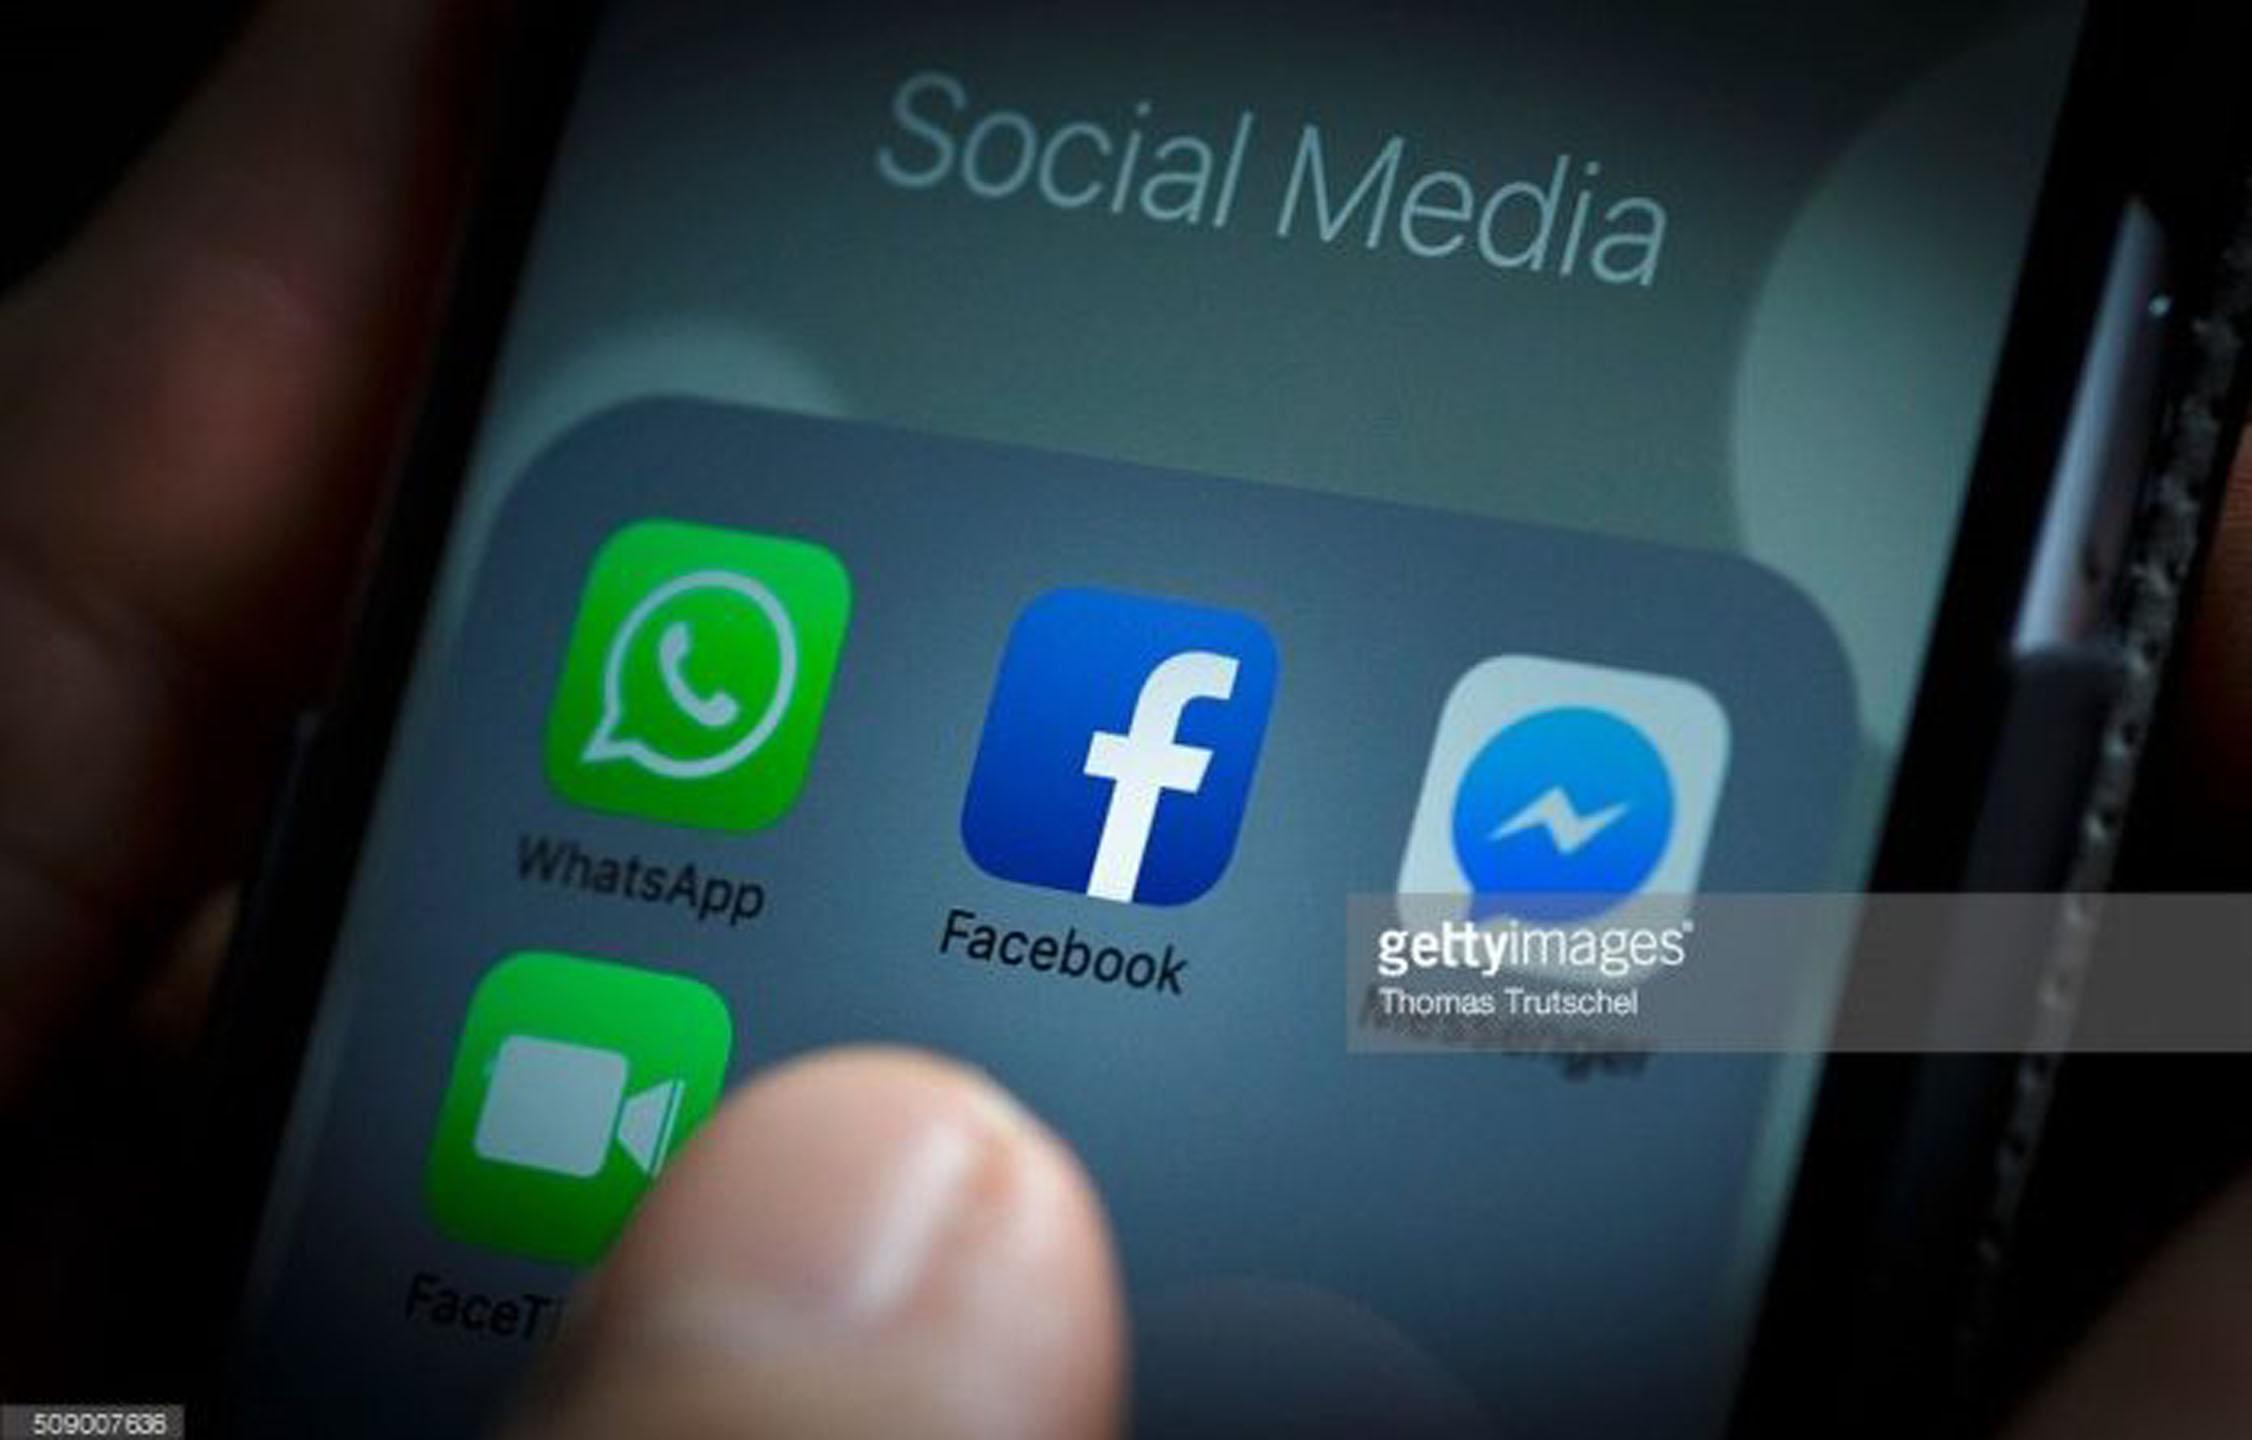 Himbauan Polri Pengguna Media Sosial Agar Bijak